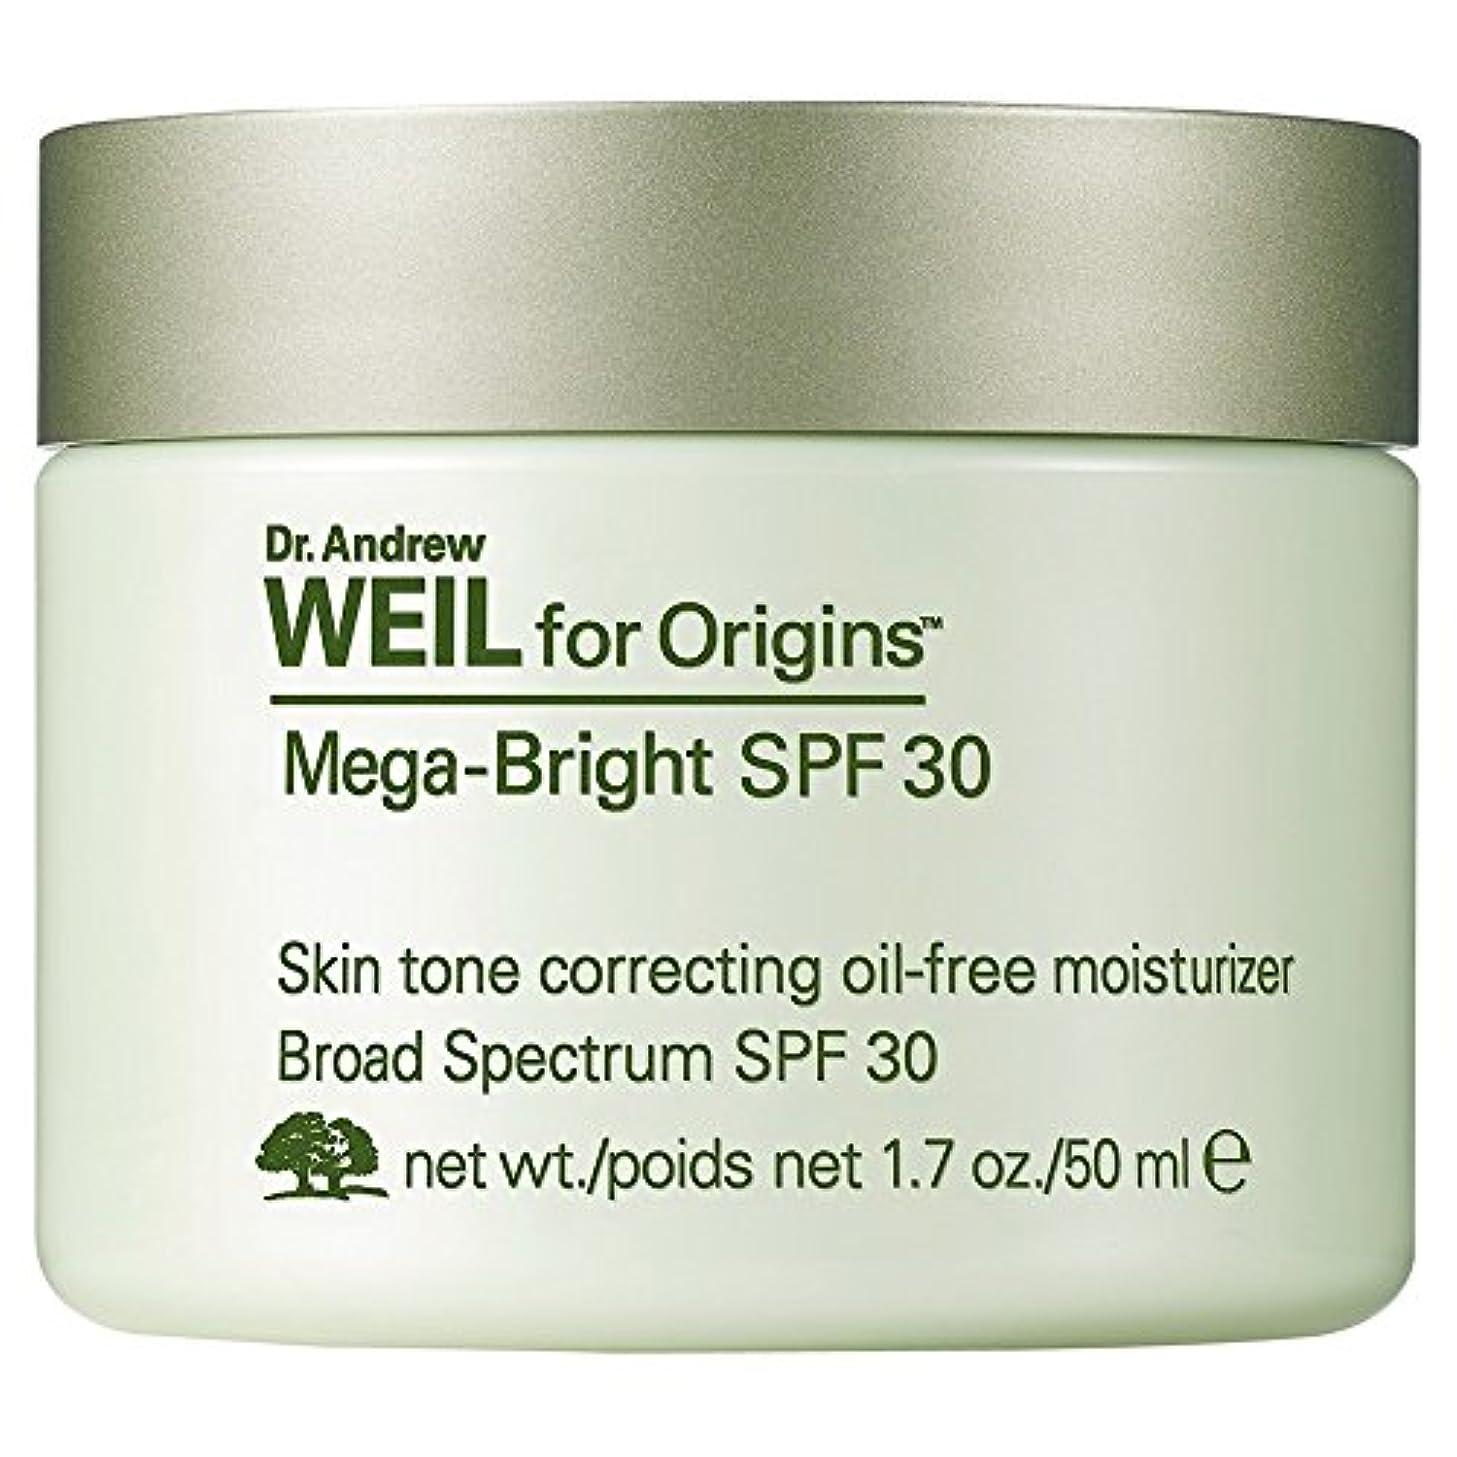 ライトニングトレイルアデレードDr。保湿、50ミリリットルの補正アンドルー?ワイルメガブライトSpf30の肌のトーン (Origins) (x6) - Dr. Andrew Weil Mega-Bright SPF30 Skin Tone Correcting...